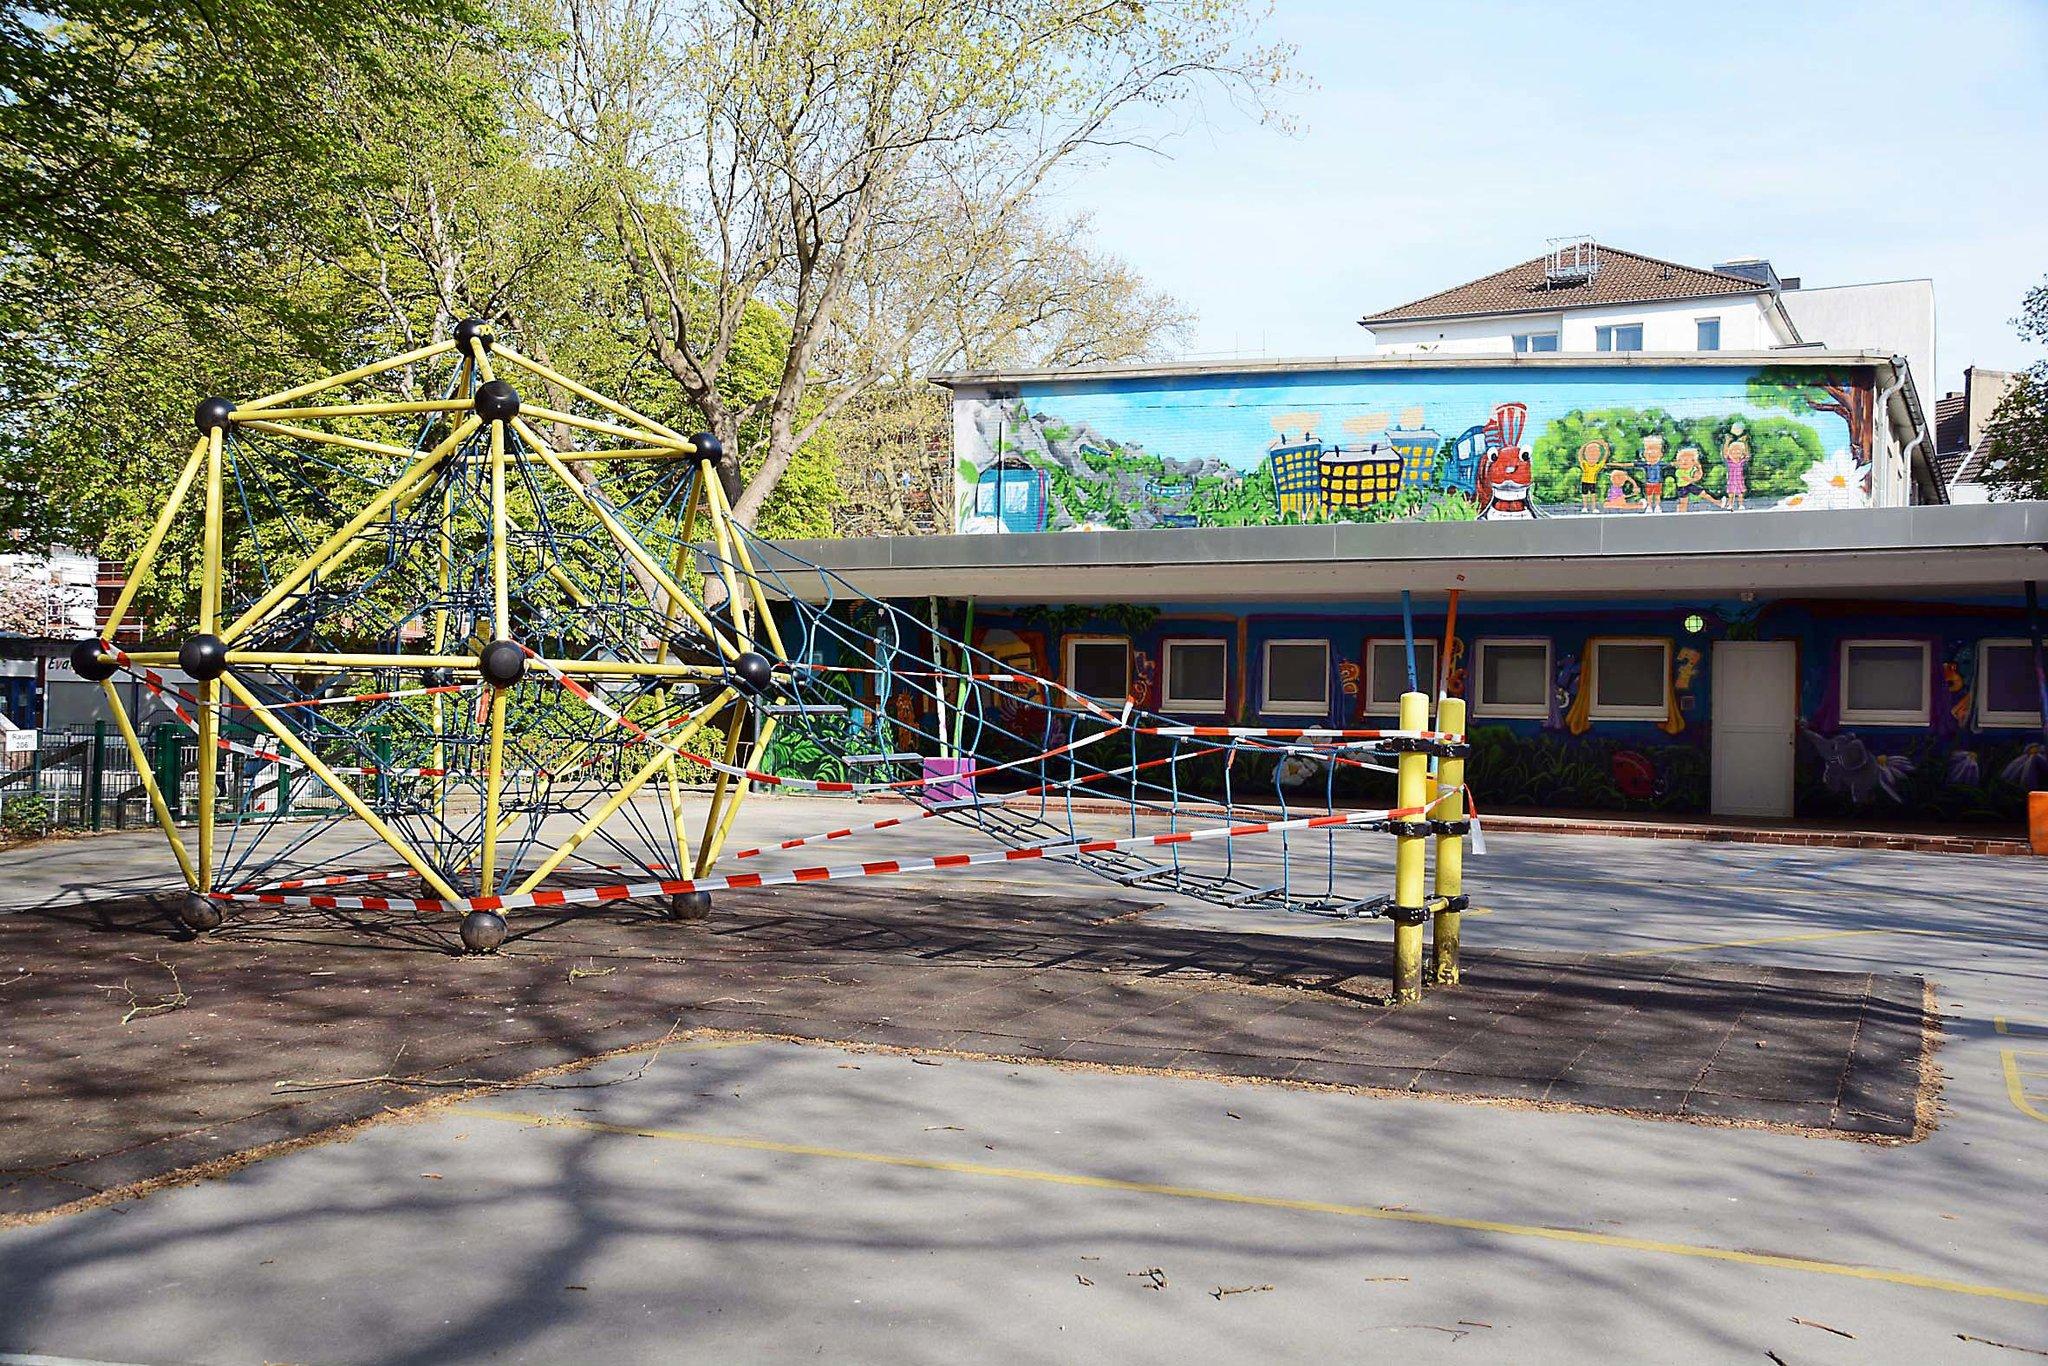 öffnung Grundschulen Nrw